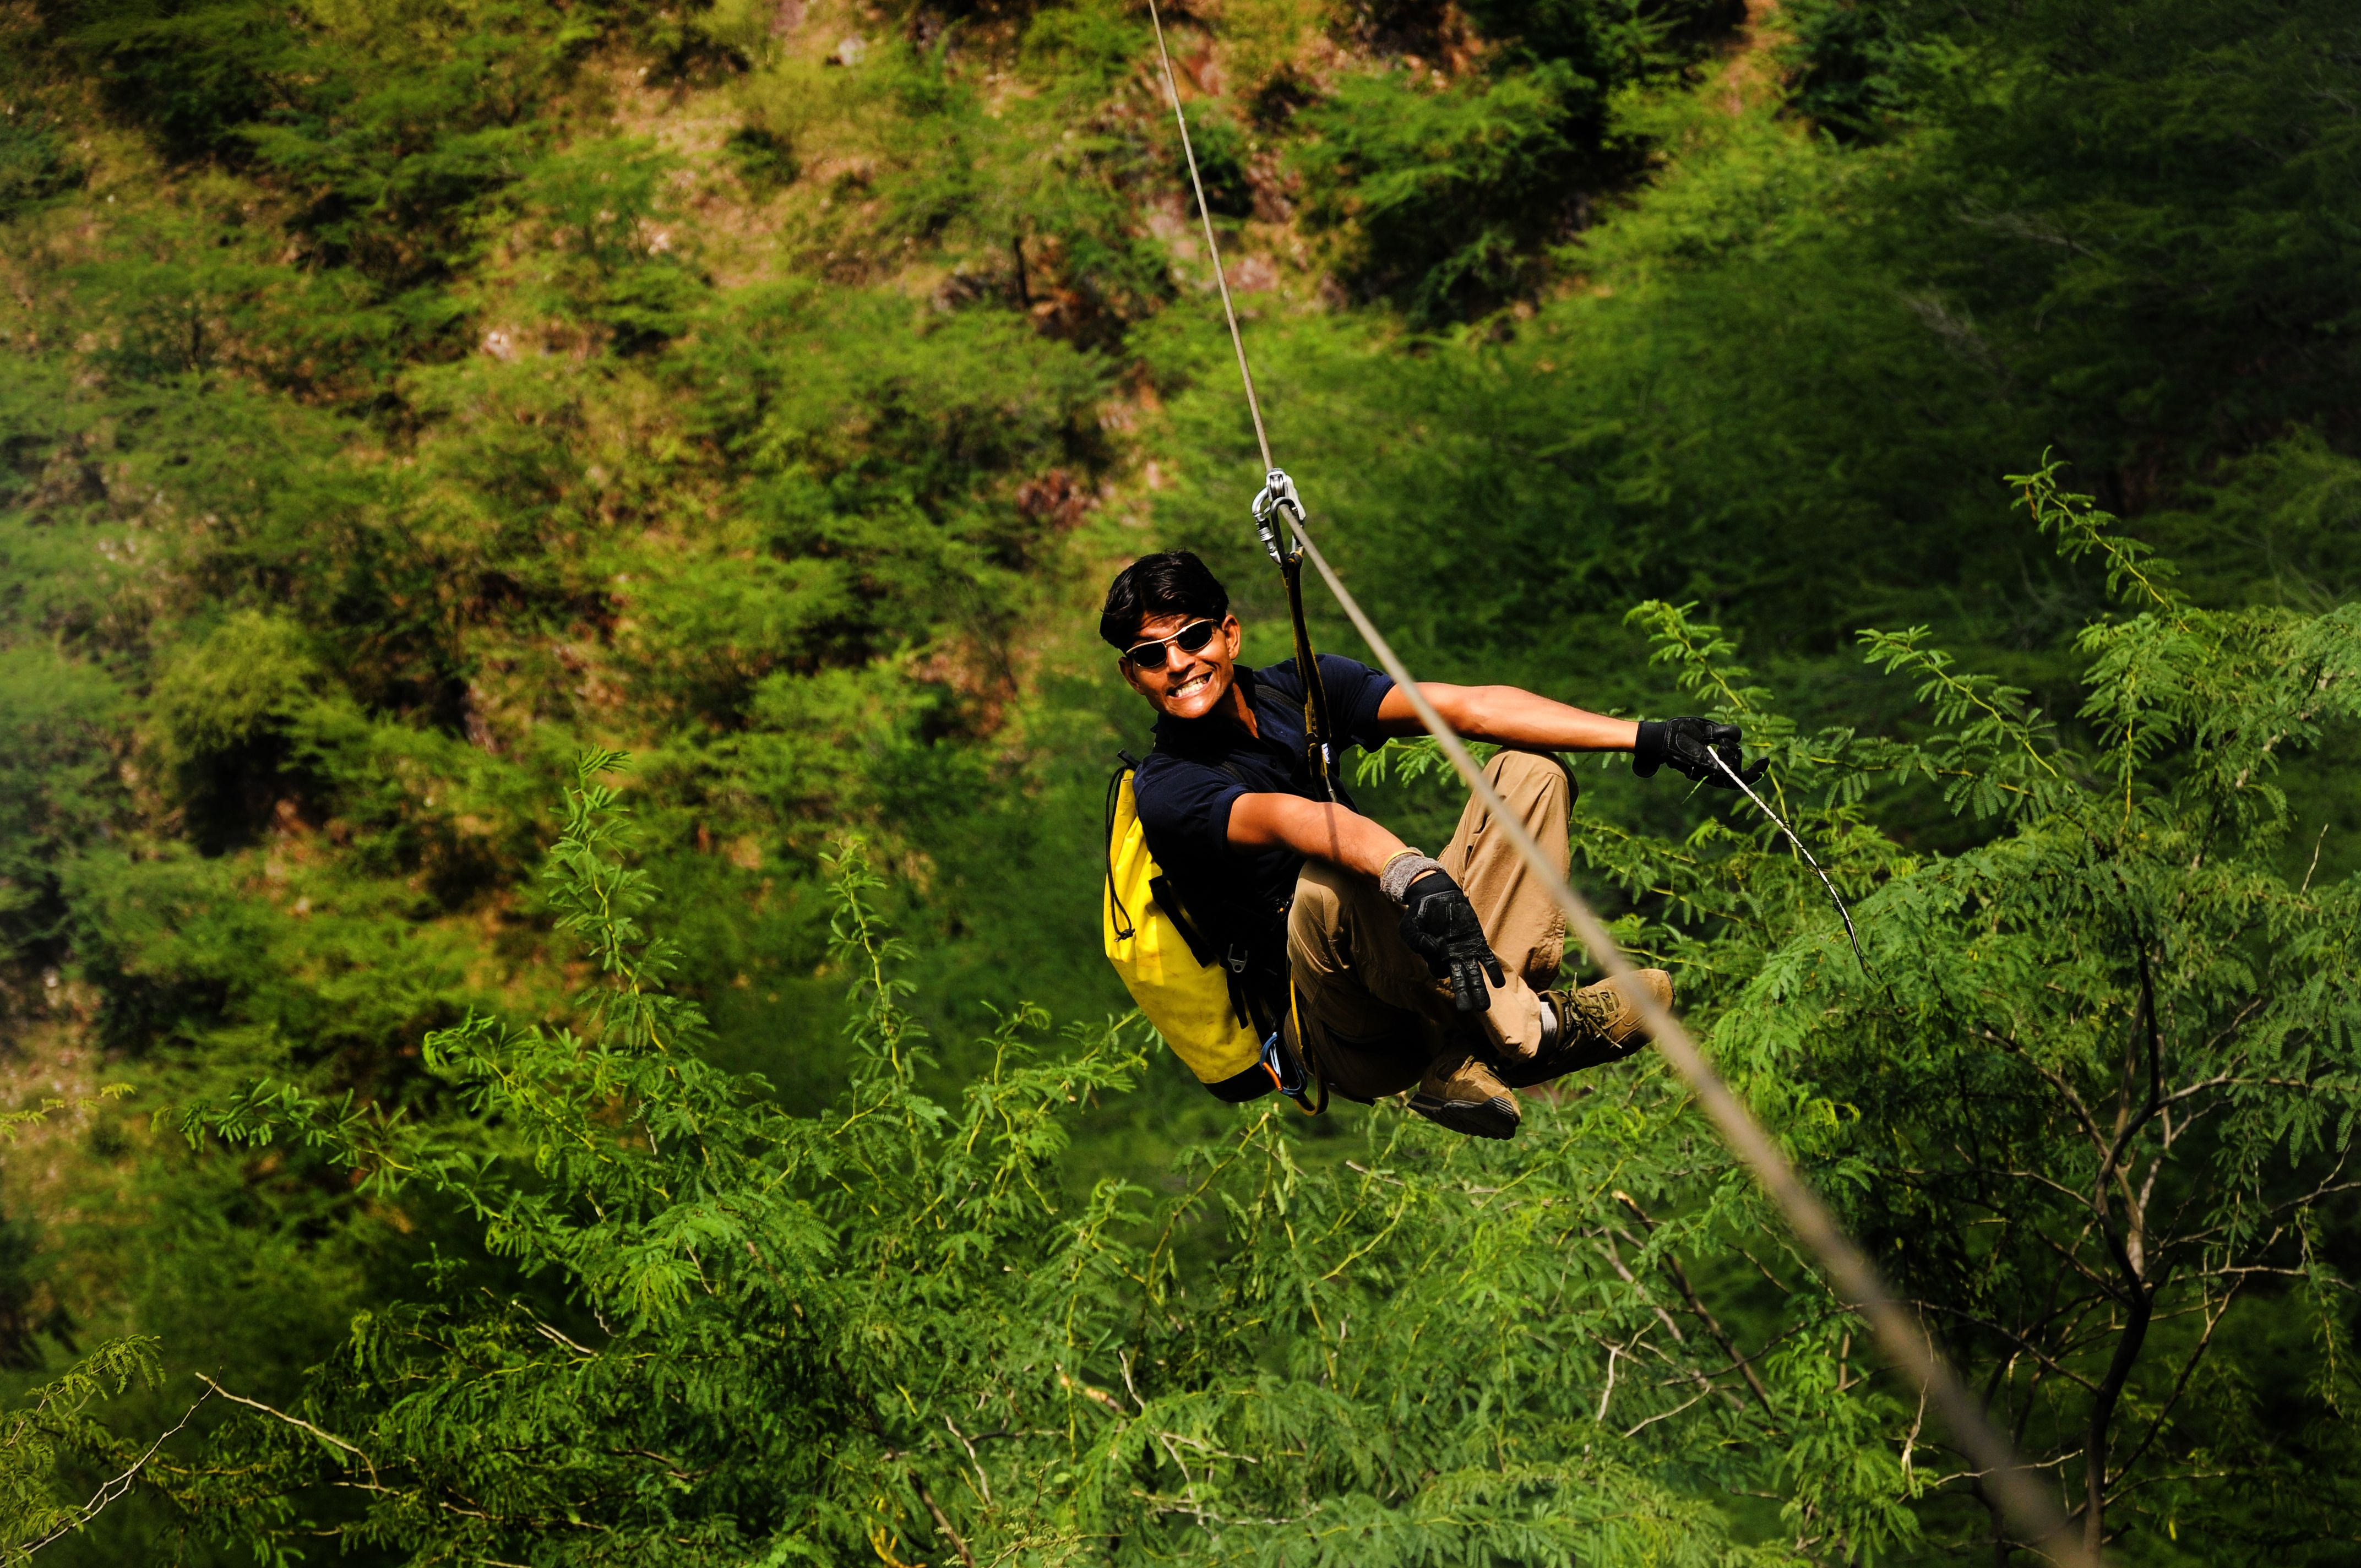 flying fox zip lining at kikar lodge 1500 metres zip line tour